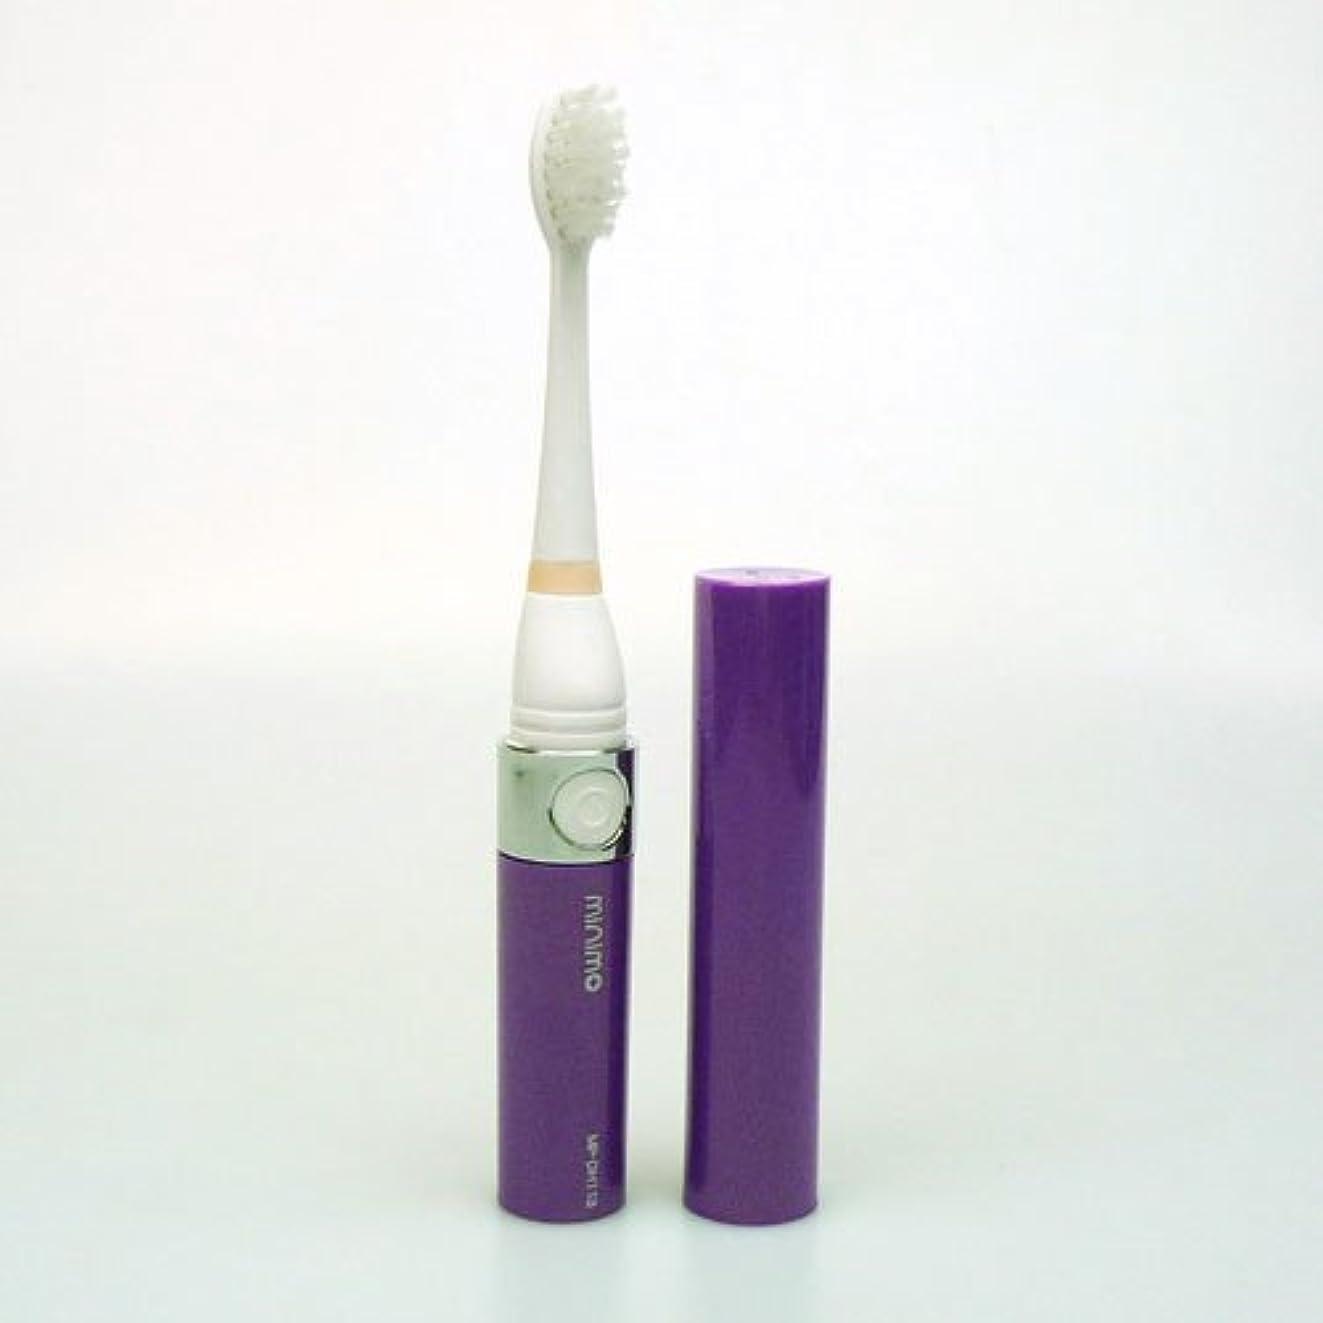 同時湿気の多いフィールドmaruman 音波振動歯ブラシ minimo パープル MP-DH118PU